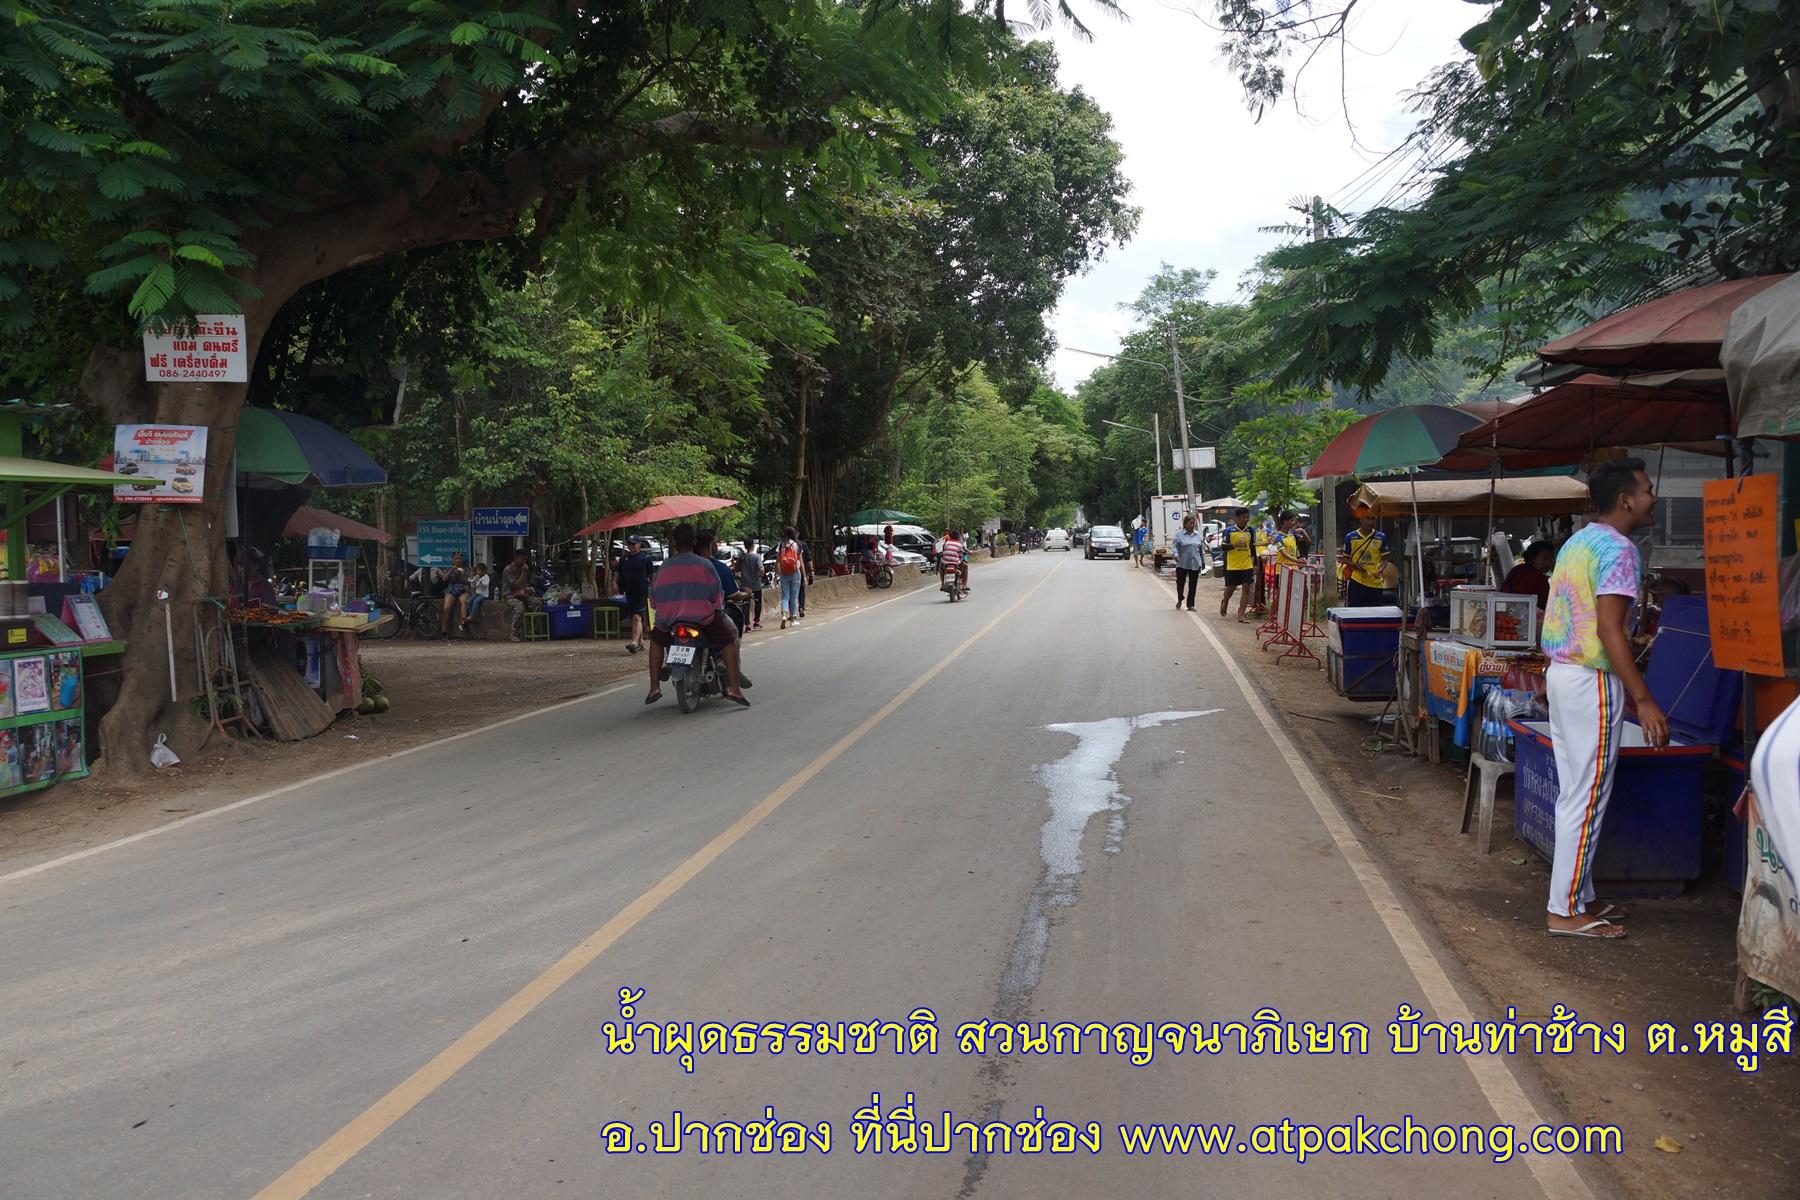 ถนนด้านหน้าน้ำผุดบ้านท่าช้าง